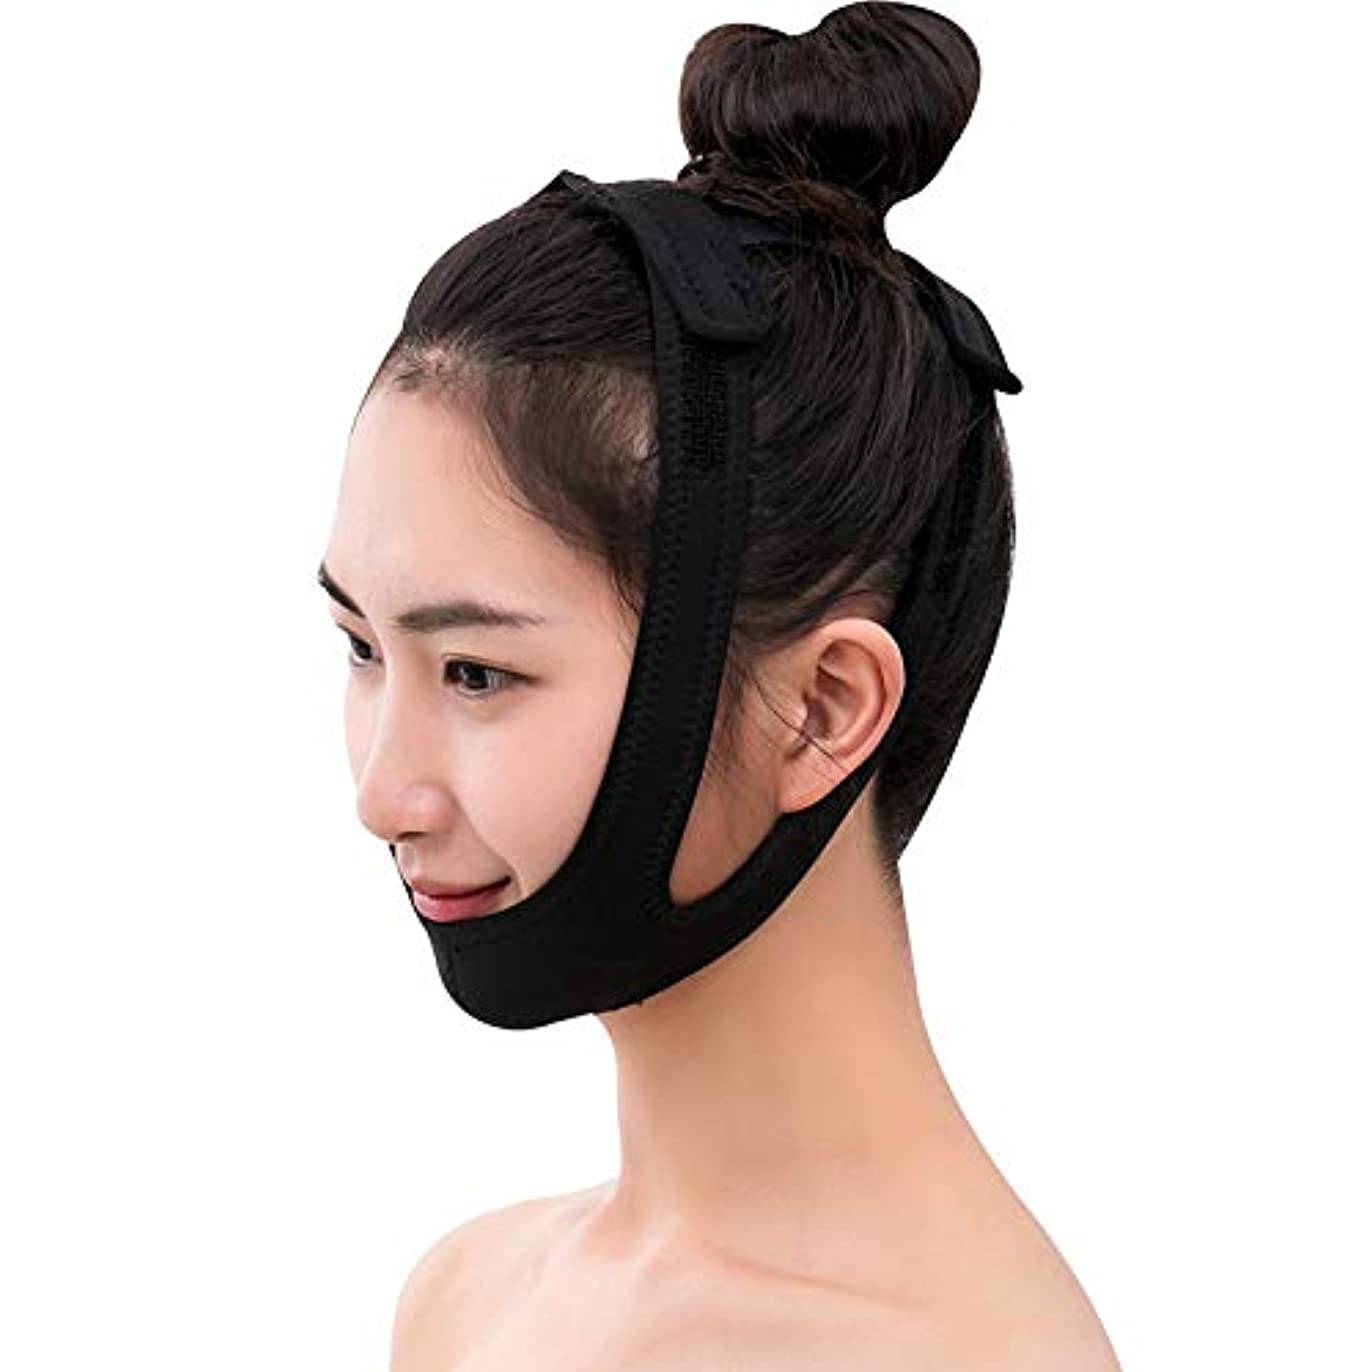 突進期限人道的フェイスリフティング包帯、Vフェイス睡眠フェイスマスク、整形と持ち上げ、ダブルチンストラップ